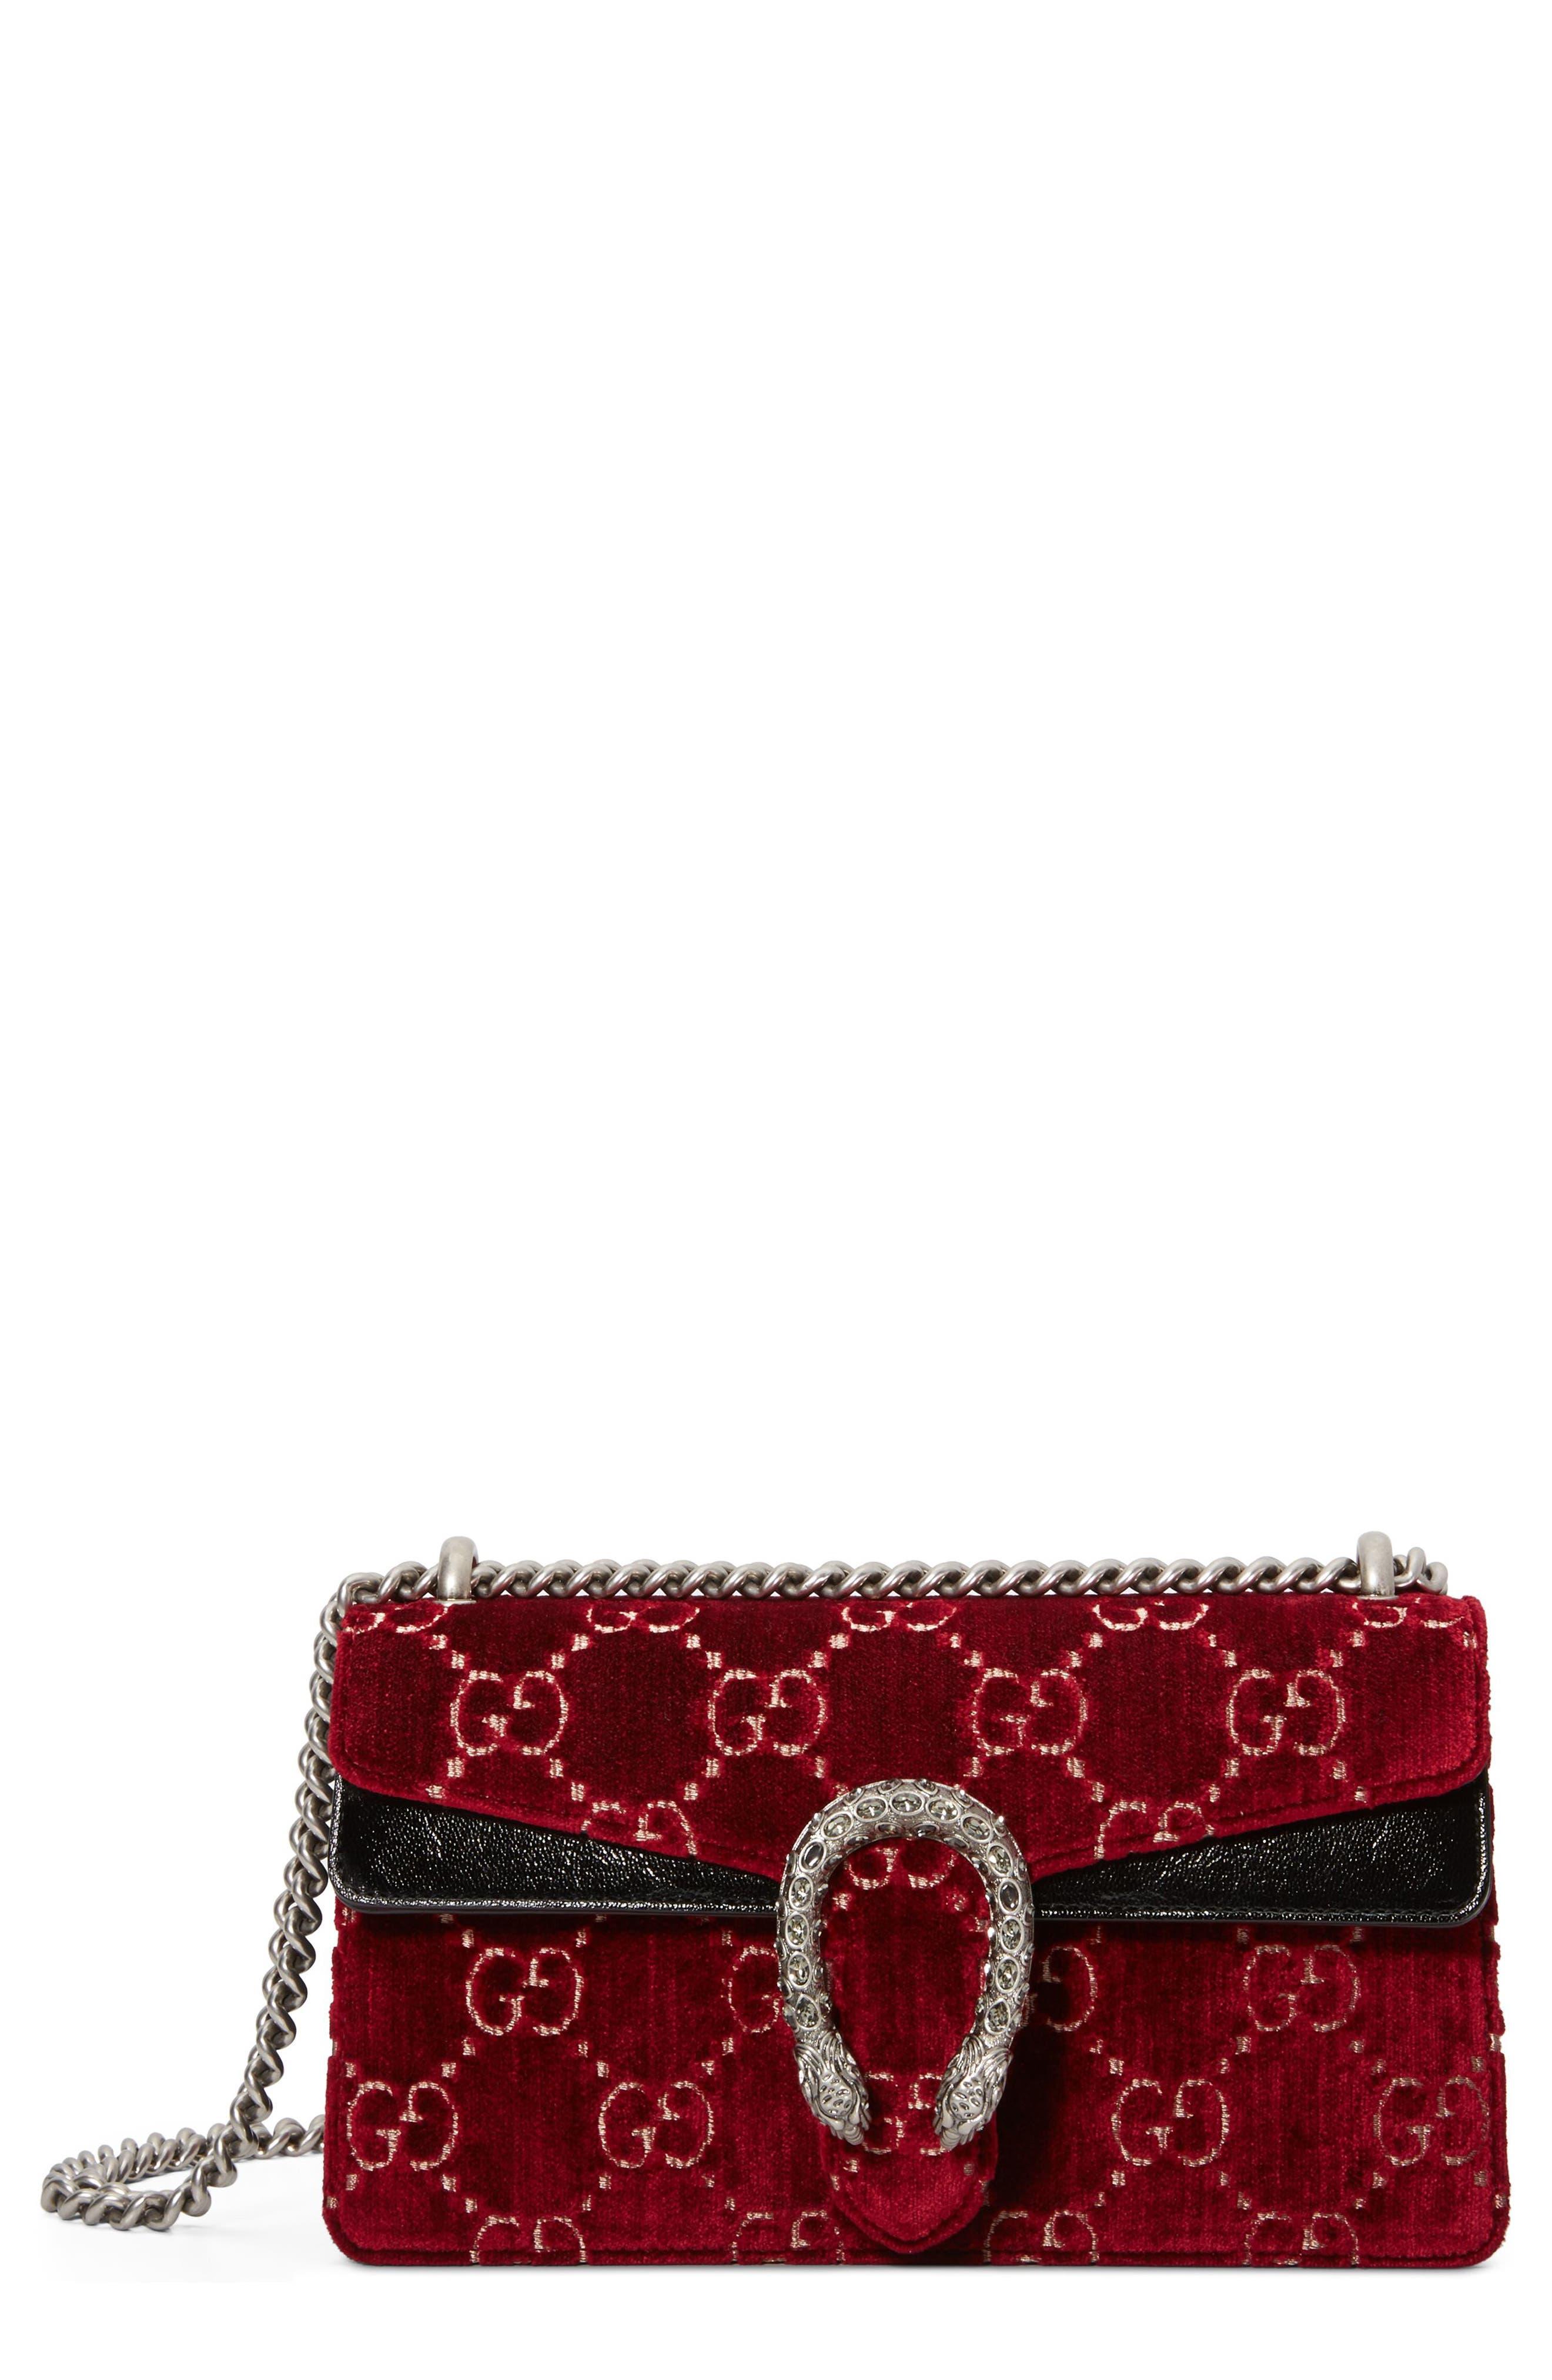 Gucci Small Dionysus GG Velvet Shoulder Bag